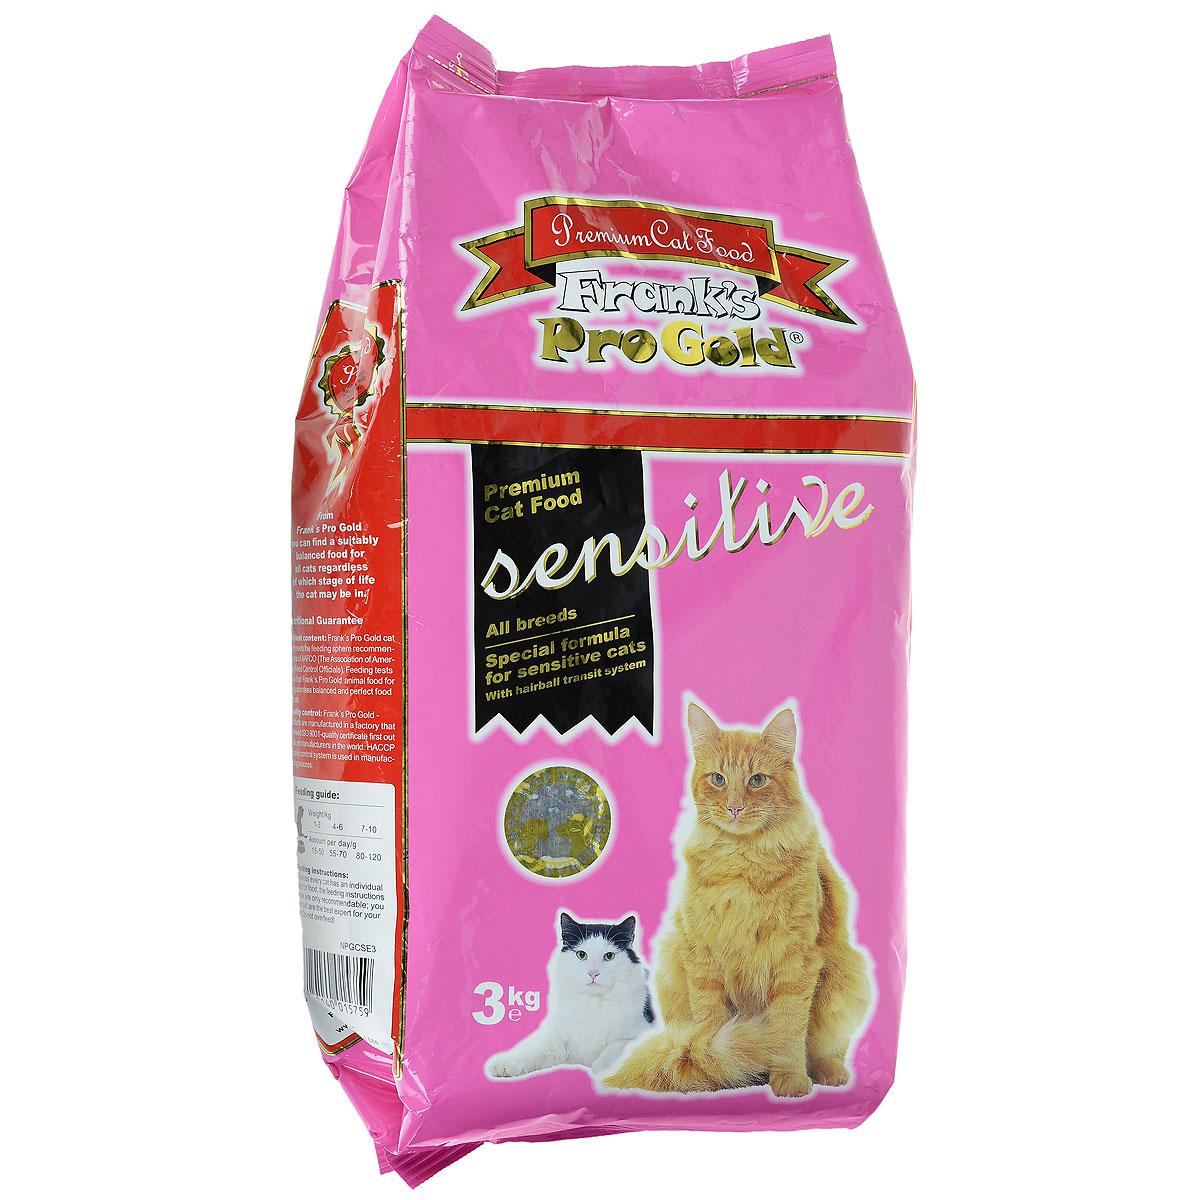 Корм сухой Franks ProGold для чувствительных кошек, с ягненком по-голландски, 3 кг23298Сухой корм Franks ProGold - высококачественное сухое питание, специально приготовленное, чтобы поддержать здоровье привередливых кошек. Если кошка капризничает, отказывается от привычной еды, это может быть обусловлено тем, что она чувствительна к еде. Специально для особо притязательных разработан корм Franks ProGold - полноценное сбалансированное питание без добавления сои и пшеницы, которое оптимально подойдет кошкам с чувствительным пищеварением. Состав: мясо ягненка, кукурузная мука, рис, маис, куриный жир, печень птицы, филе рыбы, гидролизованный белок, пищевая целлюлоза (минимум 5%), мякоть свеклы, дрожжи, яичный порошок, витамины и минералы, рыбий жир, фруктоолигосахариды (минимум 5%), лецитин (минимум 0,5%), холинхлорид, таурин, витамин Е, витамин С. Пищевая ценность: белки 32,0%, жиры 18,0%, клетчатка 5%, зола 7%, влажность 8,0%, фосфор 1,15%, кальций 1,35%, натрий 0,45%, магний 0,08%. Пищевые добавки: витамин А (Е672) 22000МЕ/кг,...